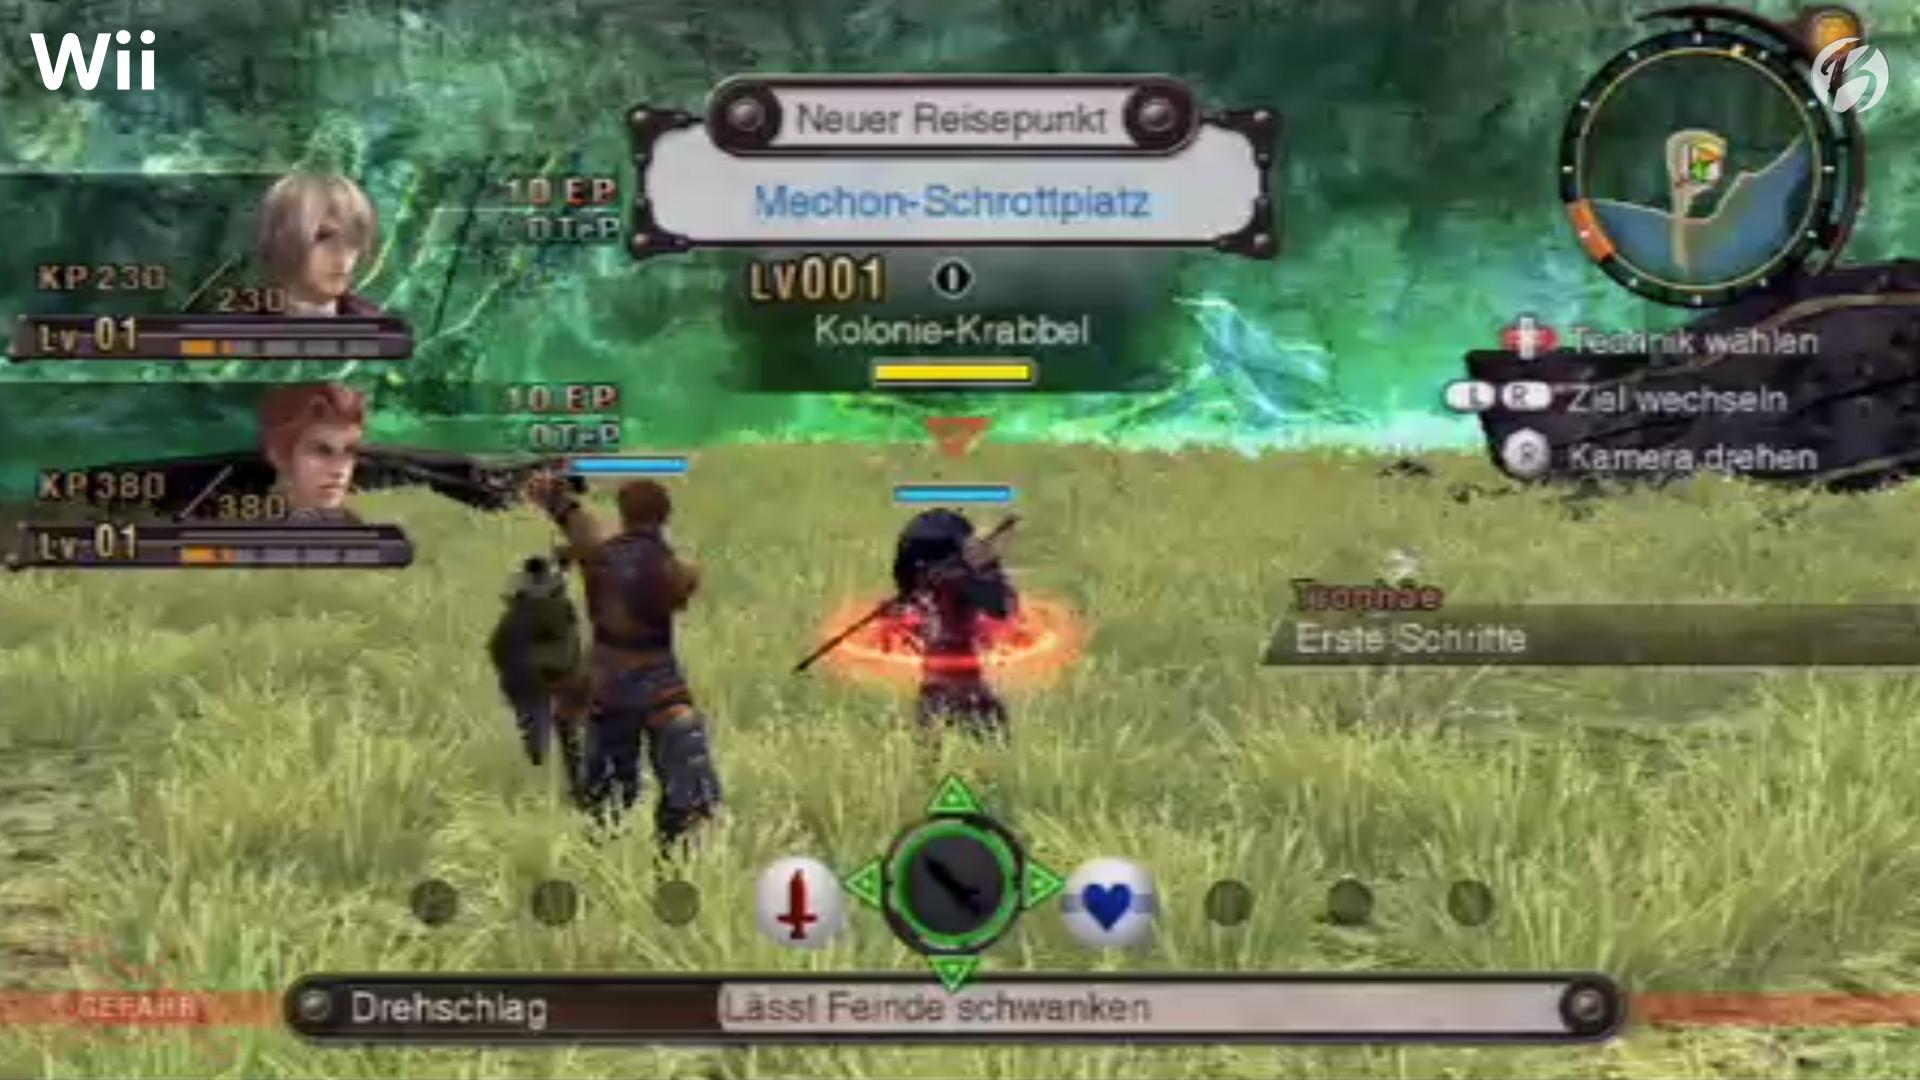 Xenoblade Chronicles (Wii) - Erster Kampf im Startgebiet.